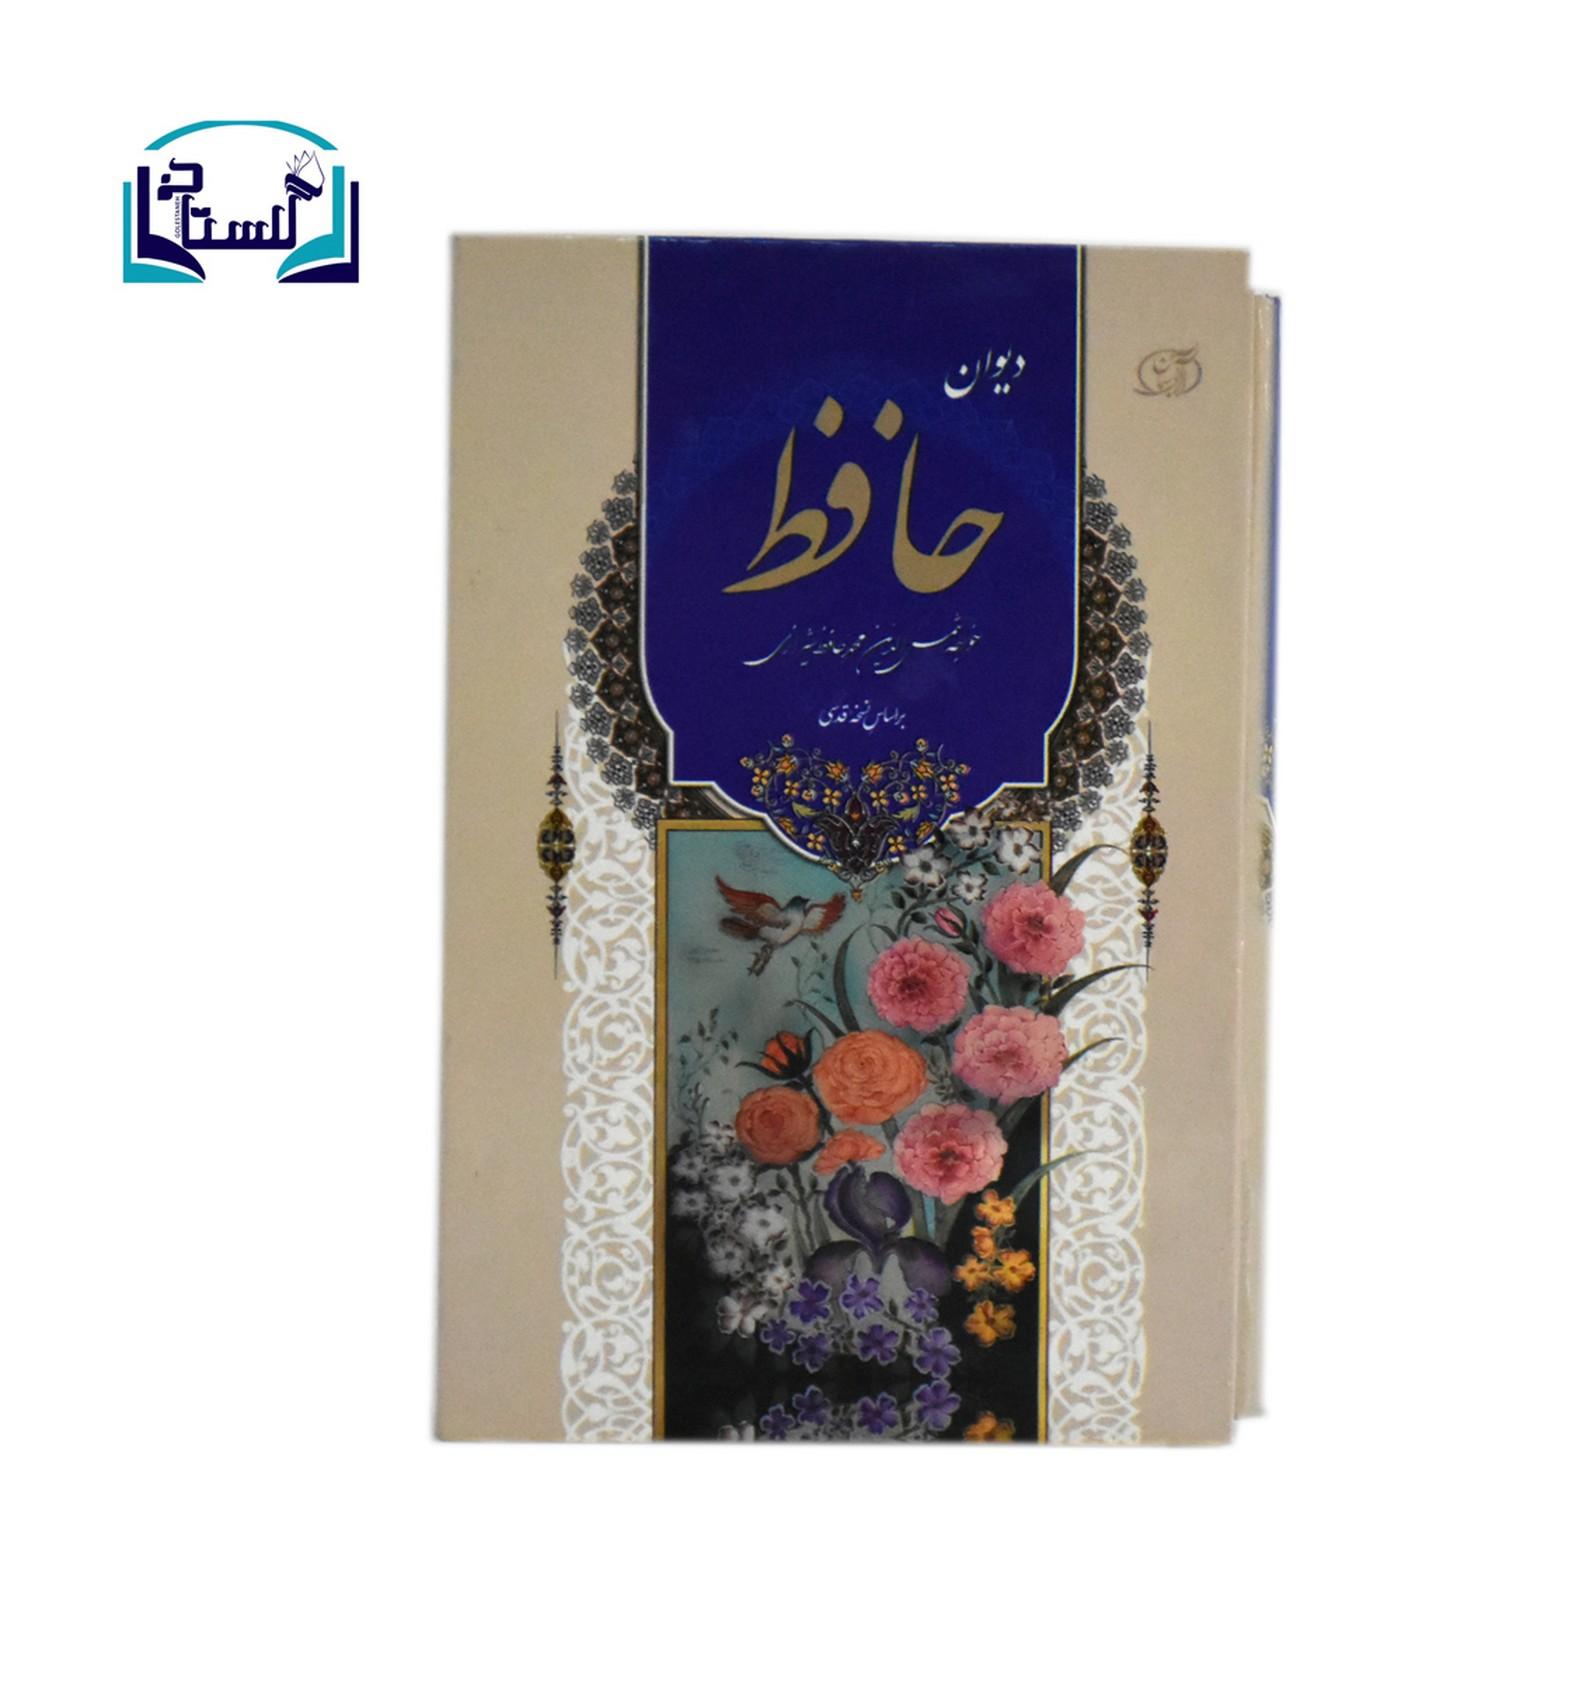 ديوان-حافظ(آسمان-آبي)1-8قابدار